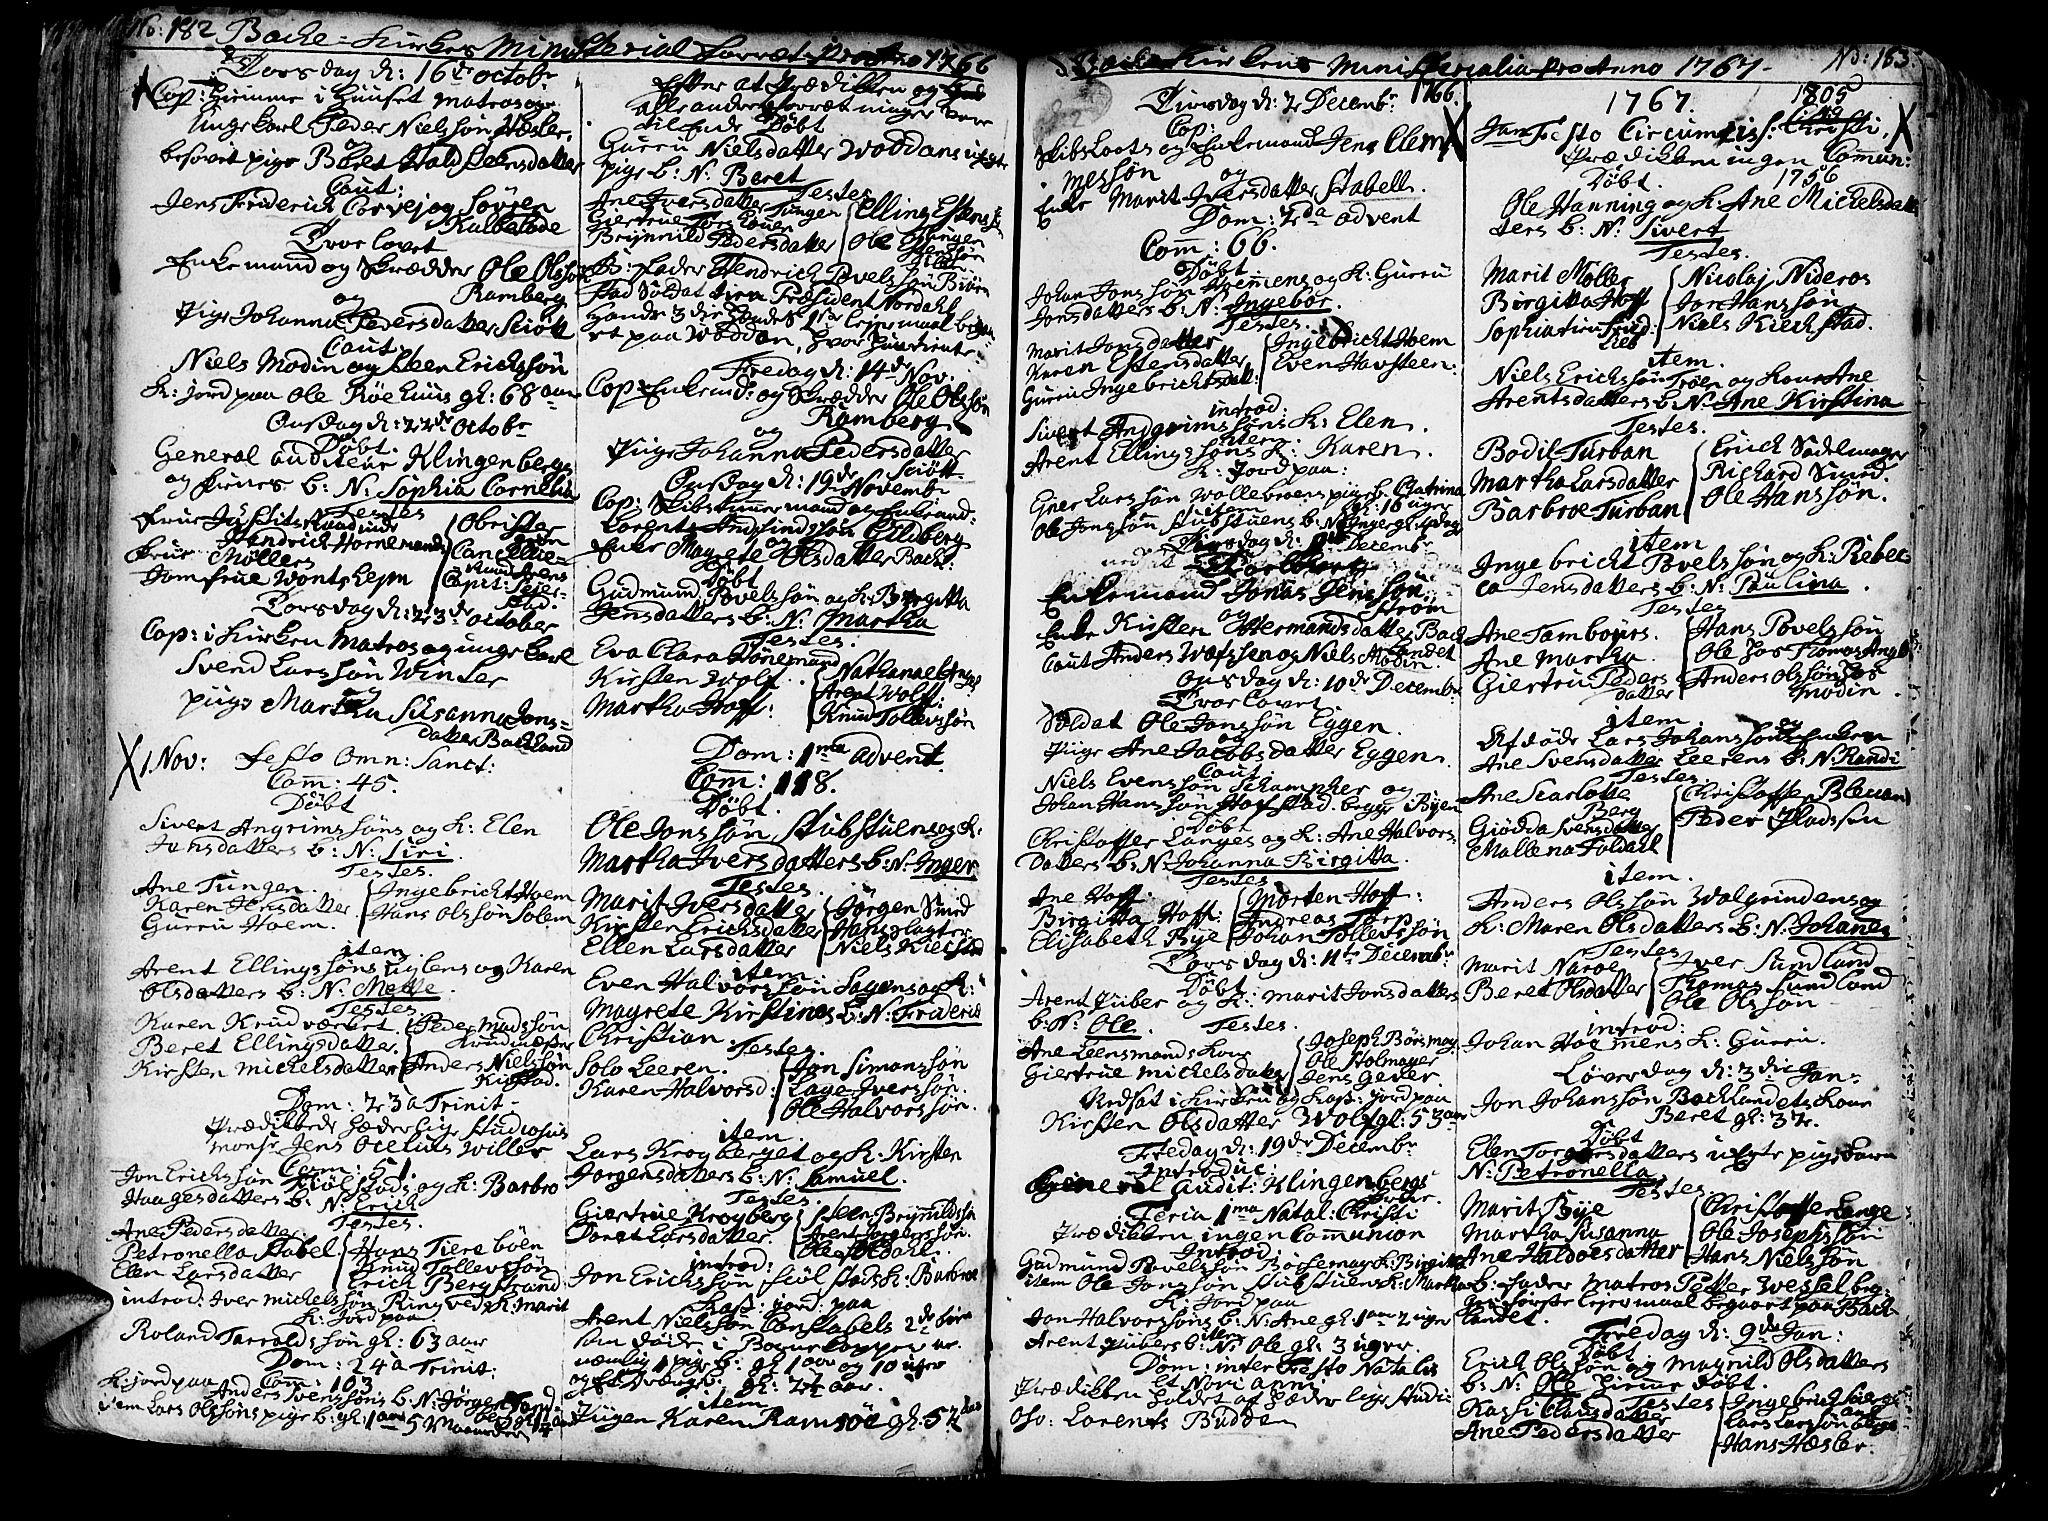 SAT, Ministerialprotokoller, klokkerbøker og fødselsregistre - Sør-Trøndelag, 606/L0276: Ministerialbok nr. 606A01 /2, 1727-1779, s. 182-183